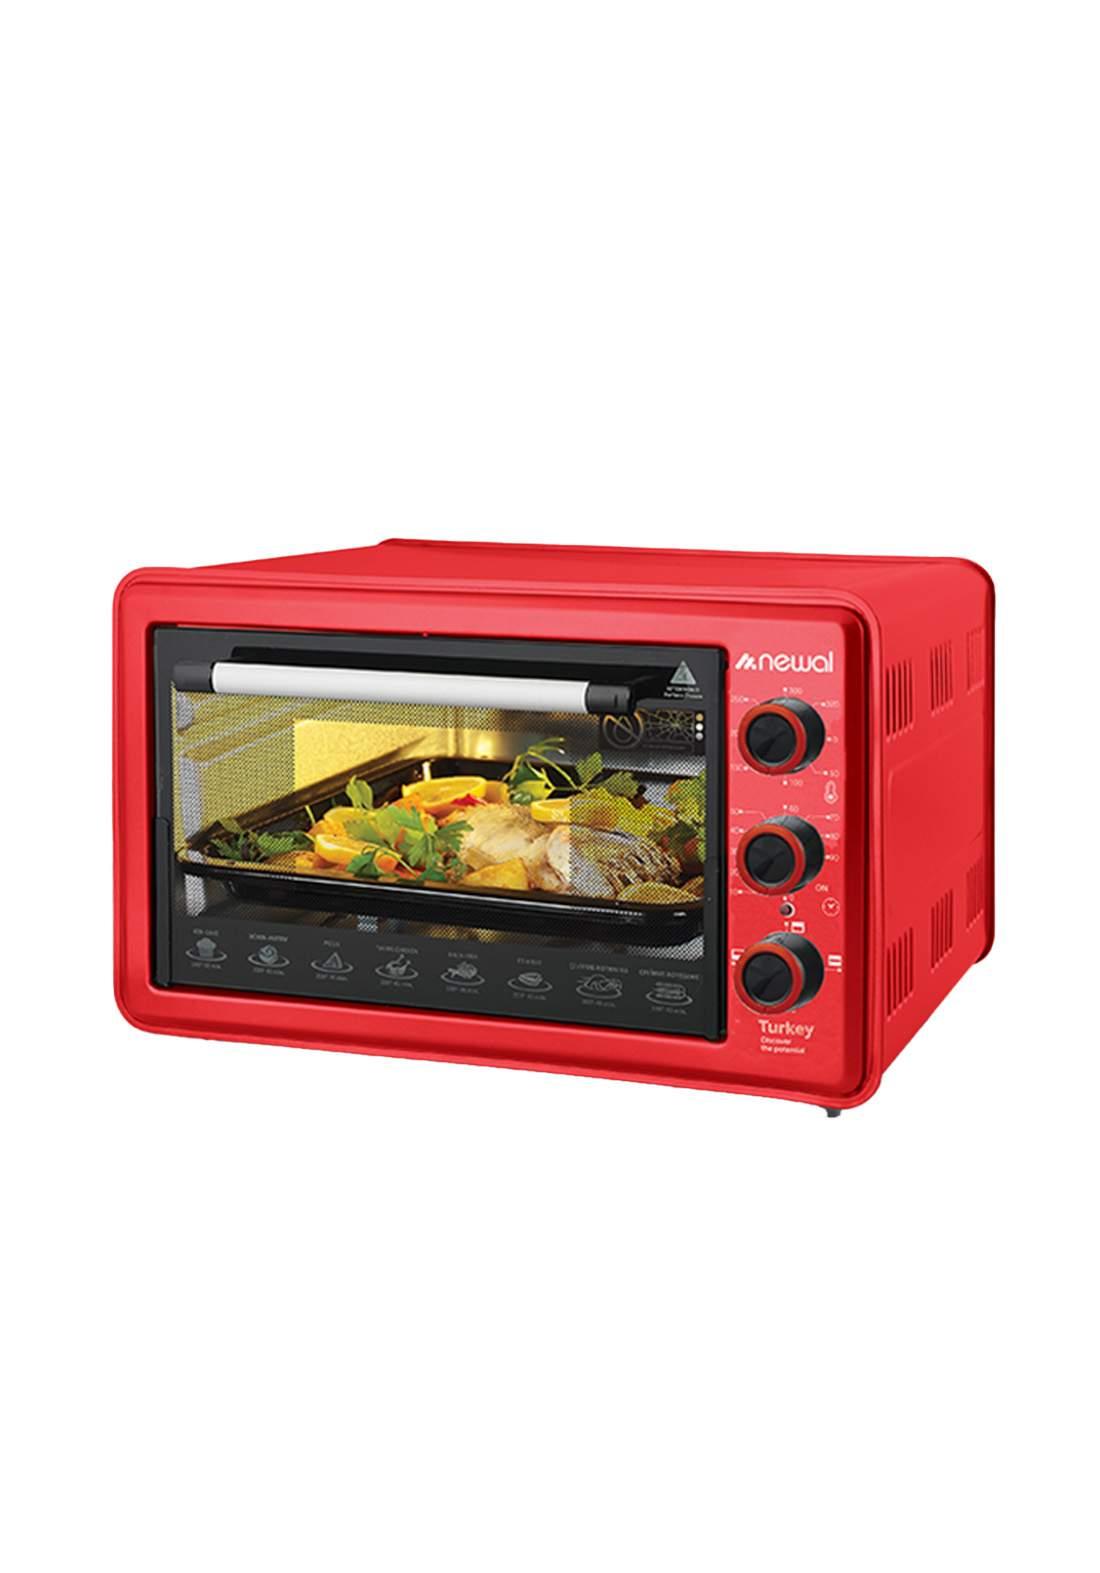 Newal Mini Oven 36L MOV-360-03 - Red فرن كهربائي